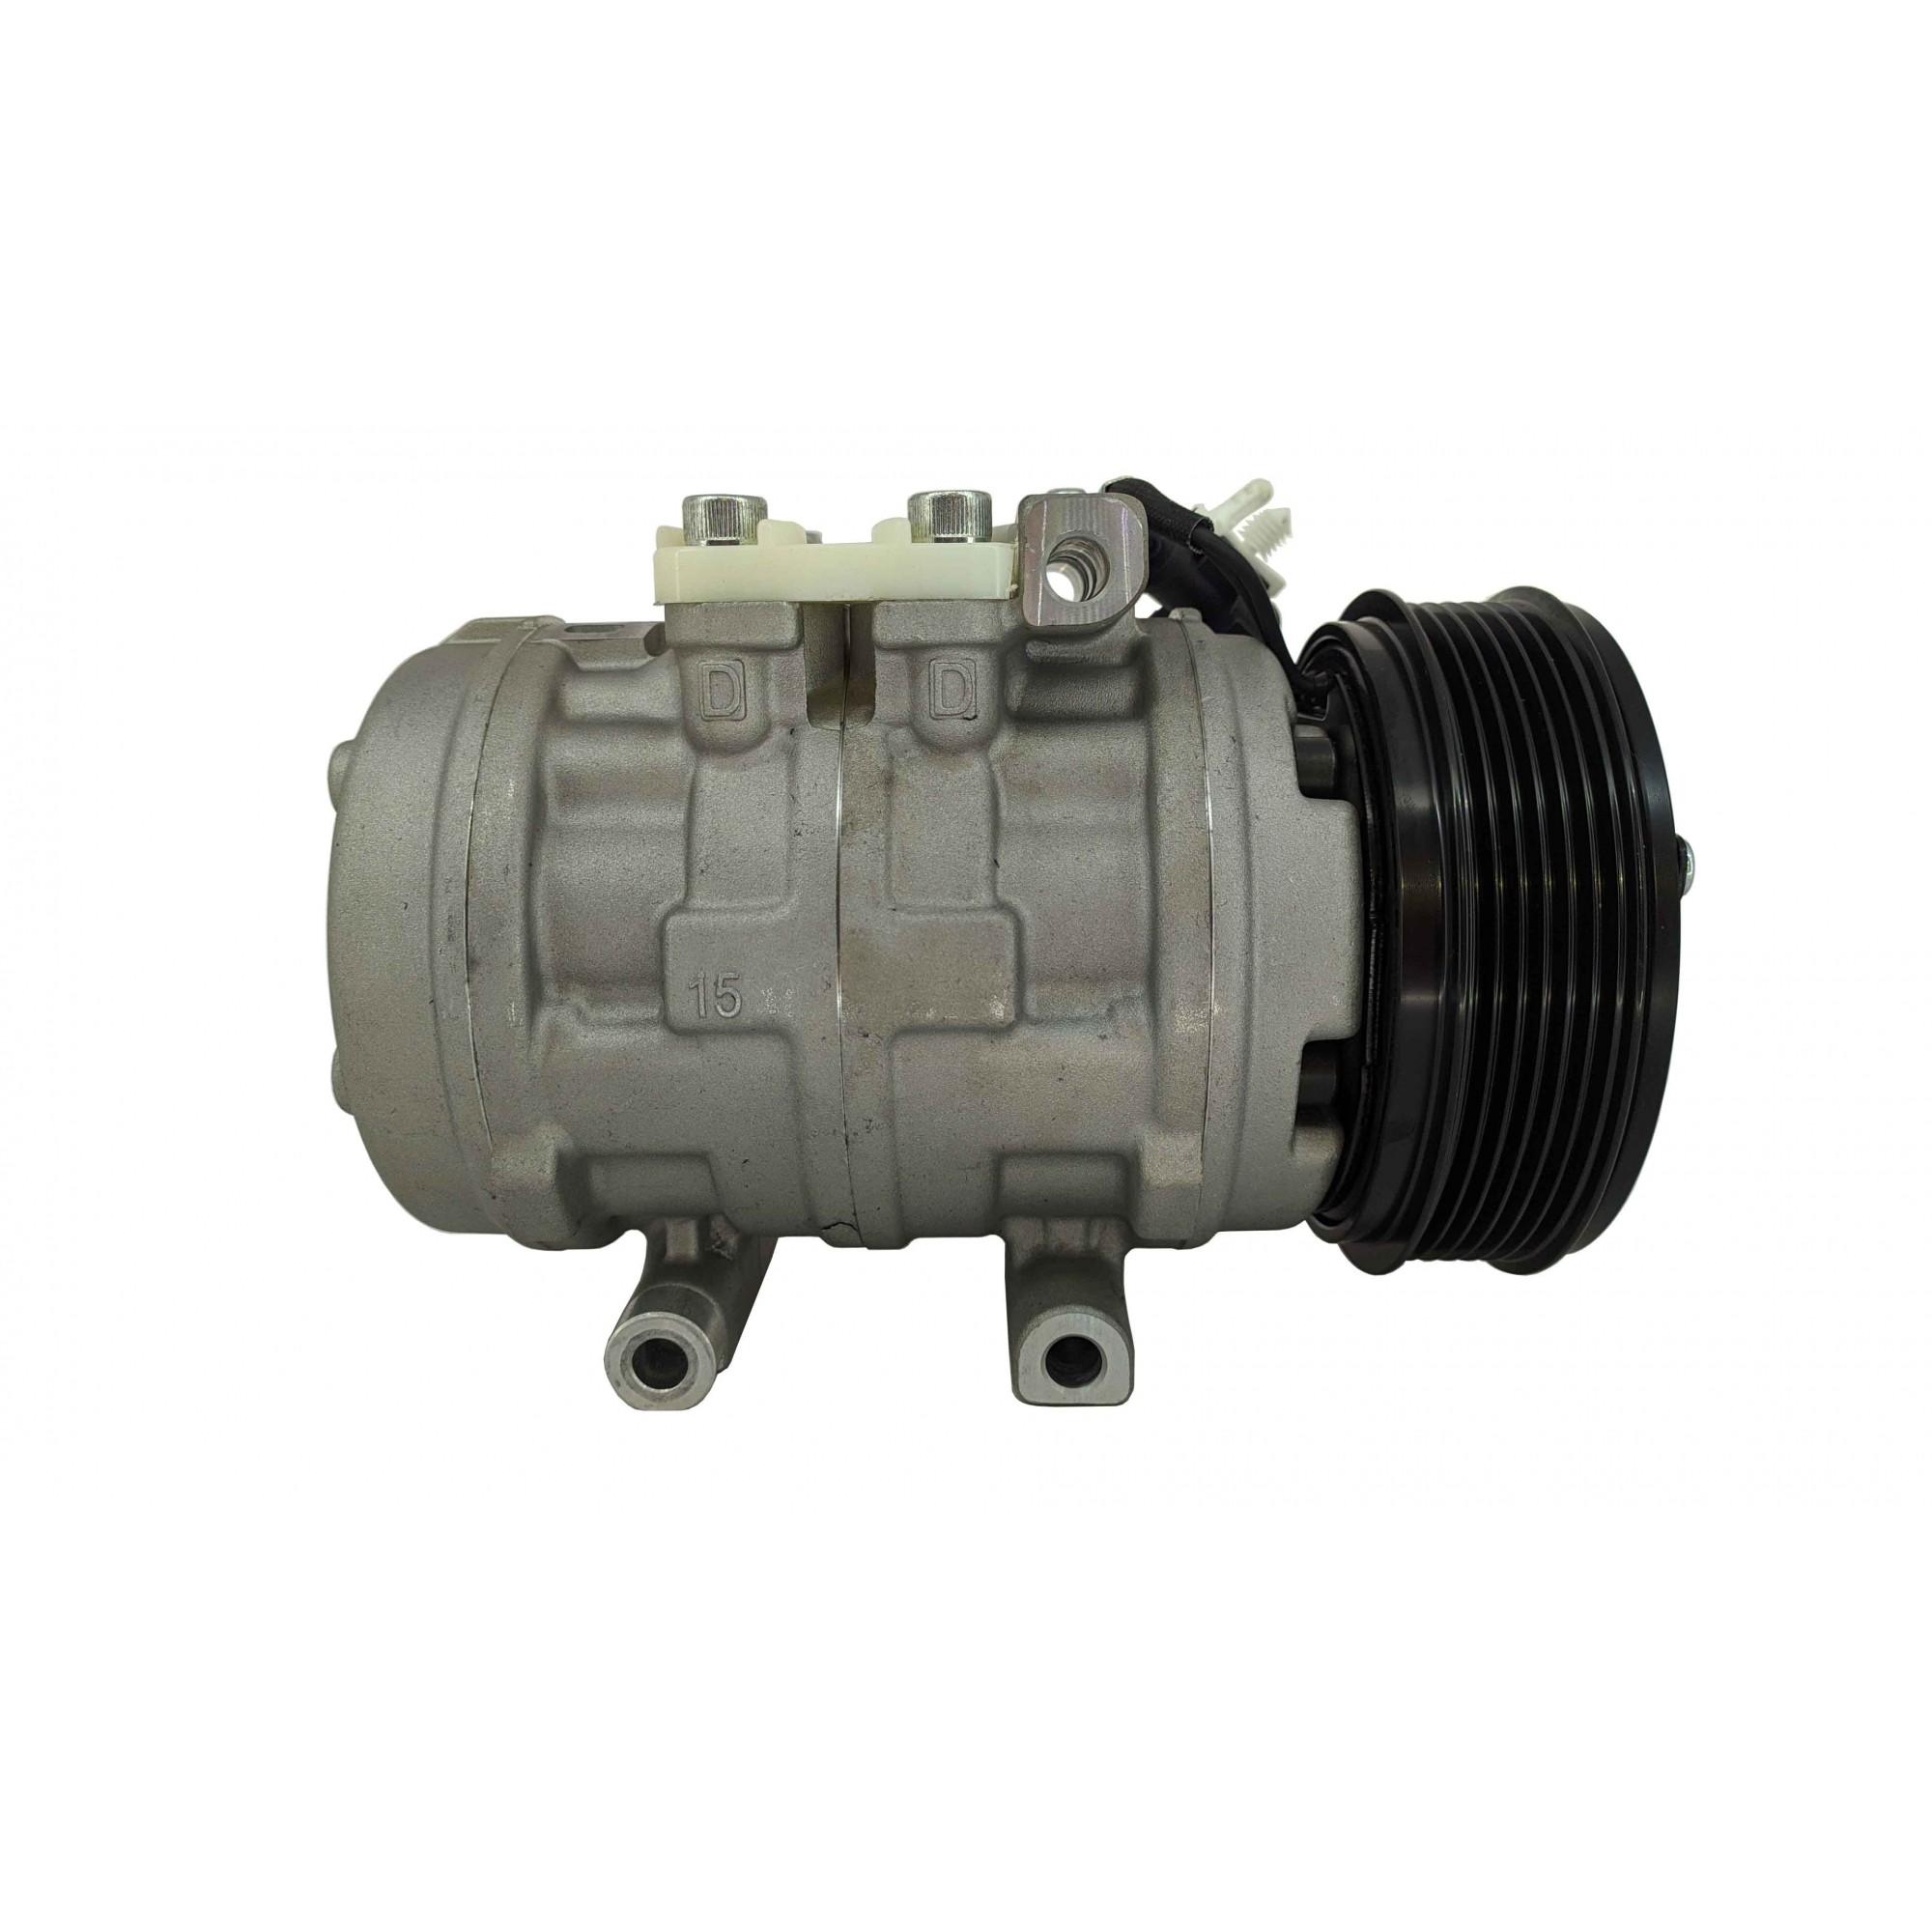 Compressor Ford F250 Mwm - 10p15